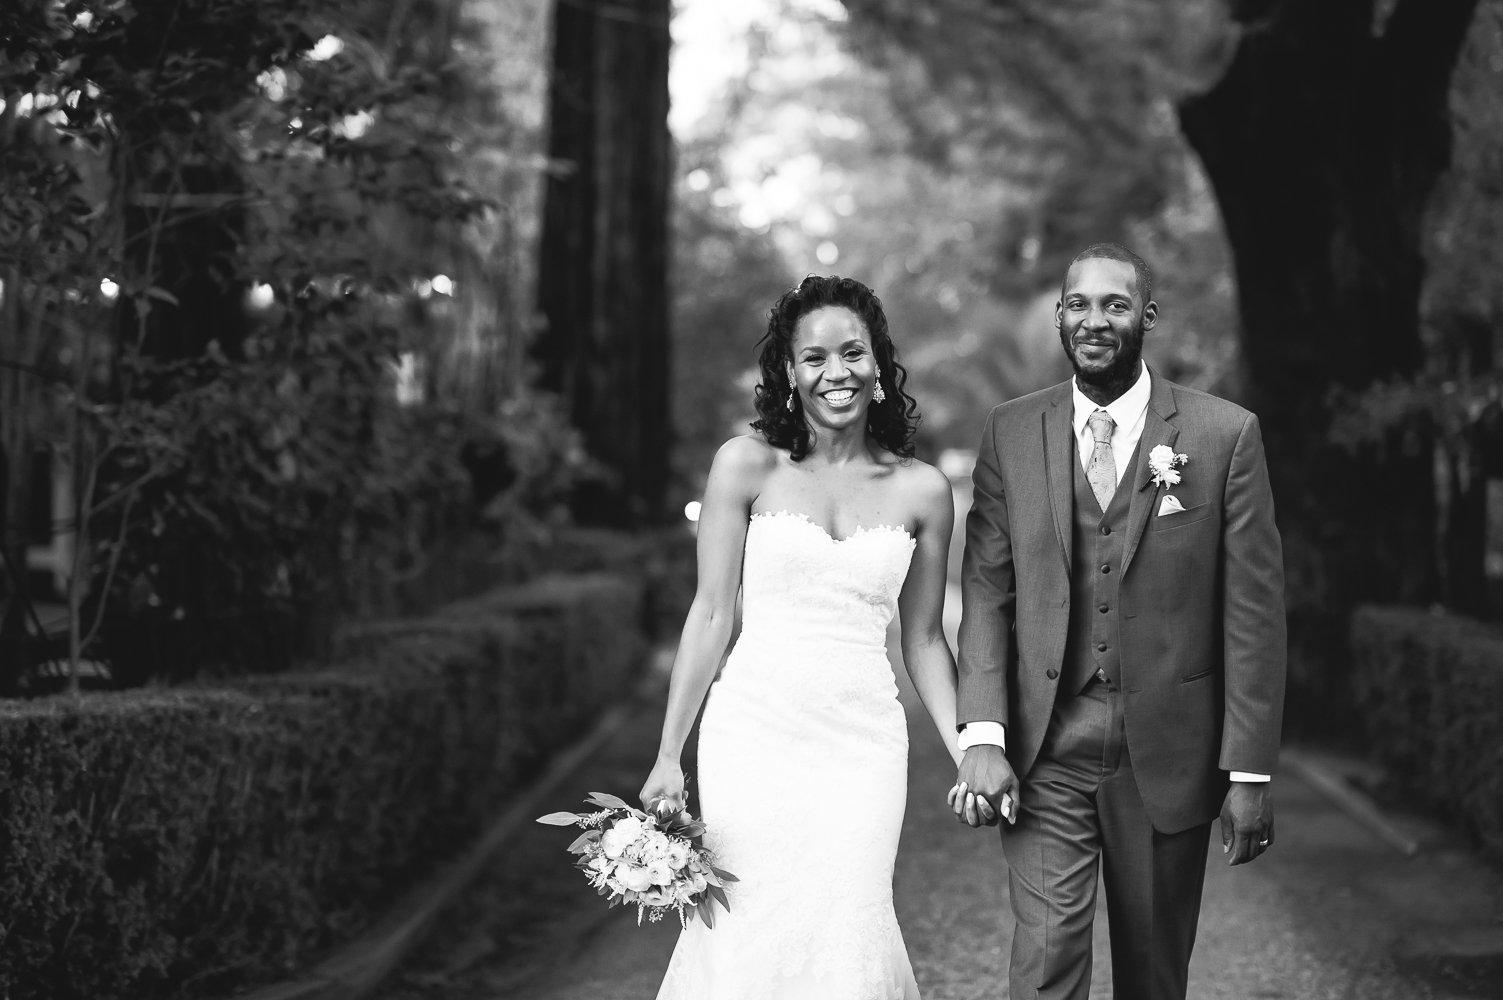 Steve & Andrea's Deer Park Villa Wedding | Fairfax